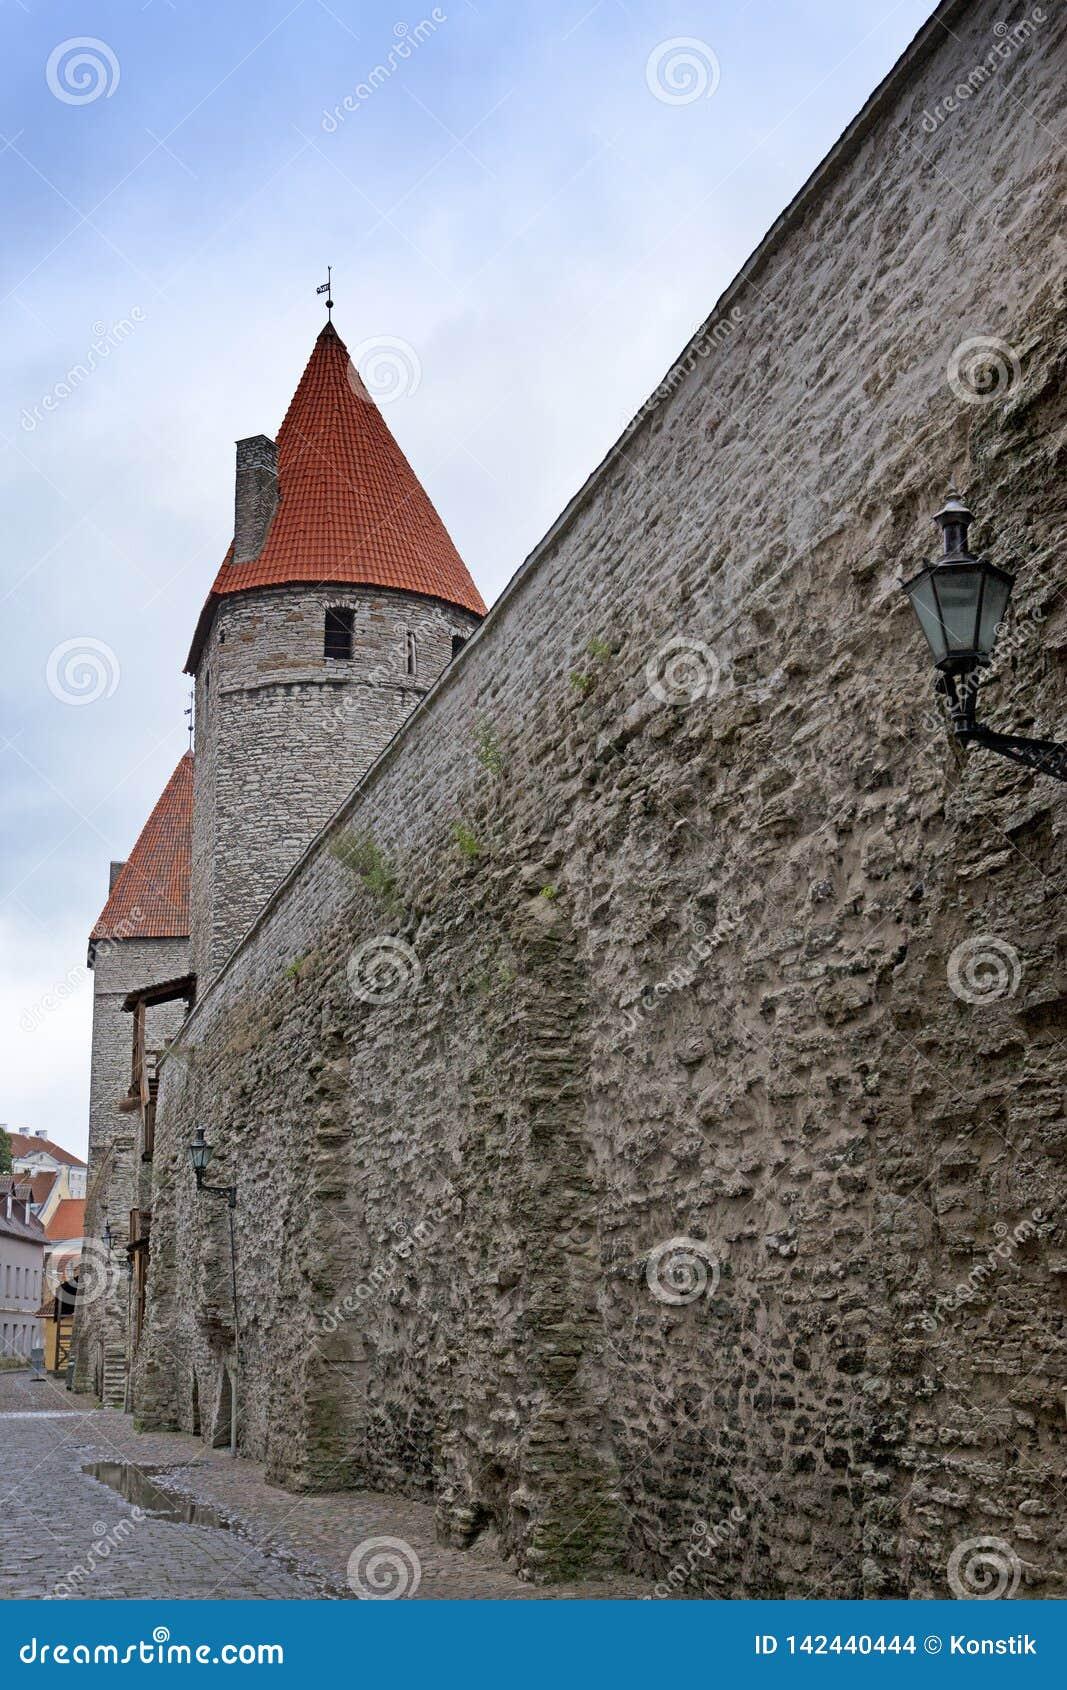 Torre medievale, parte del muro di cinta, Tallinn, Estonia